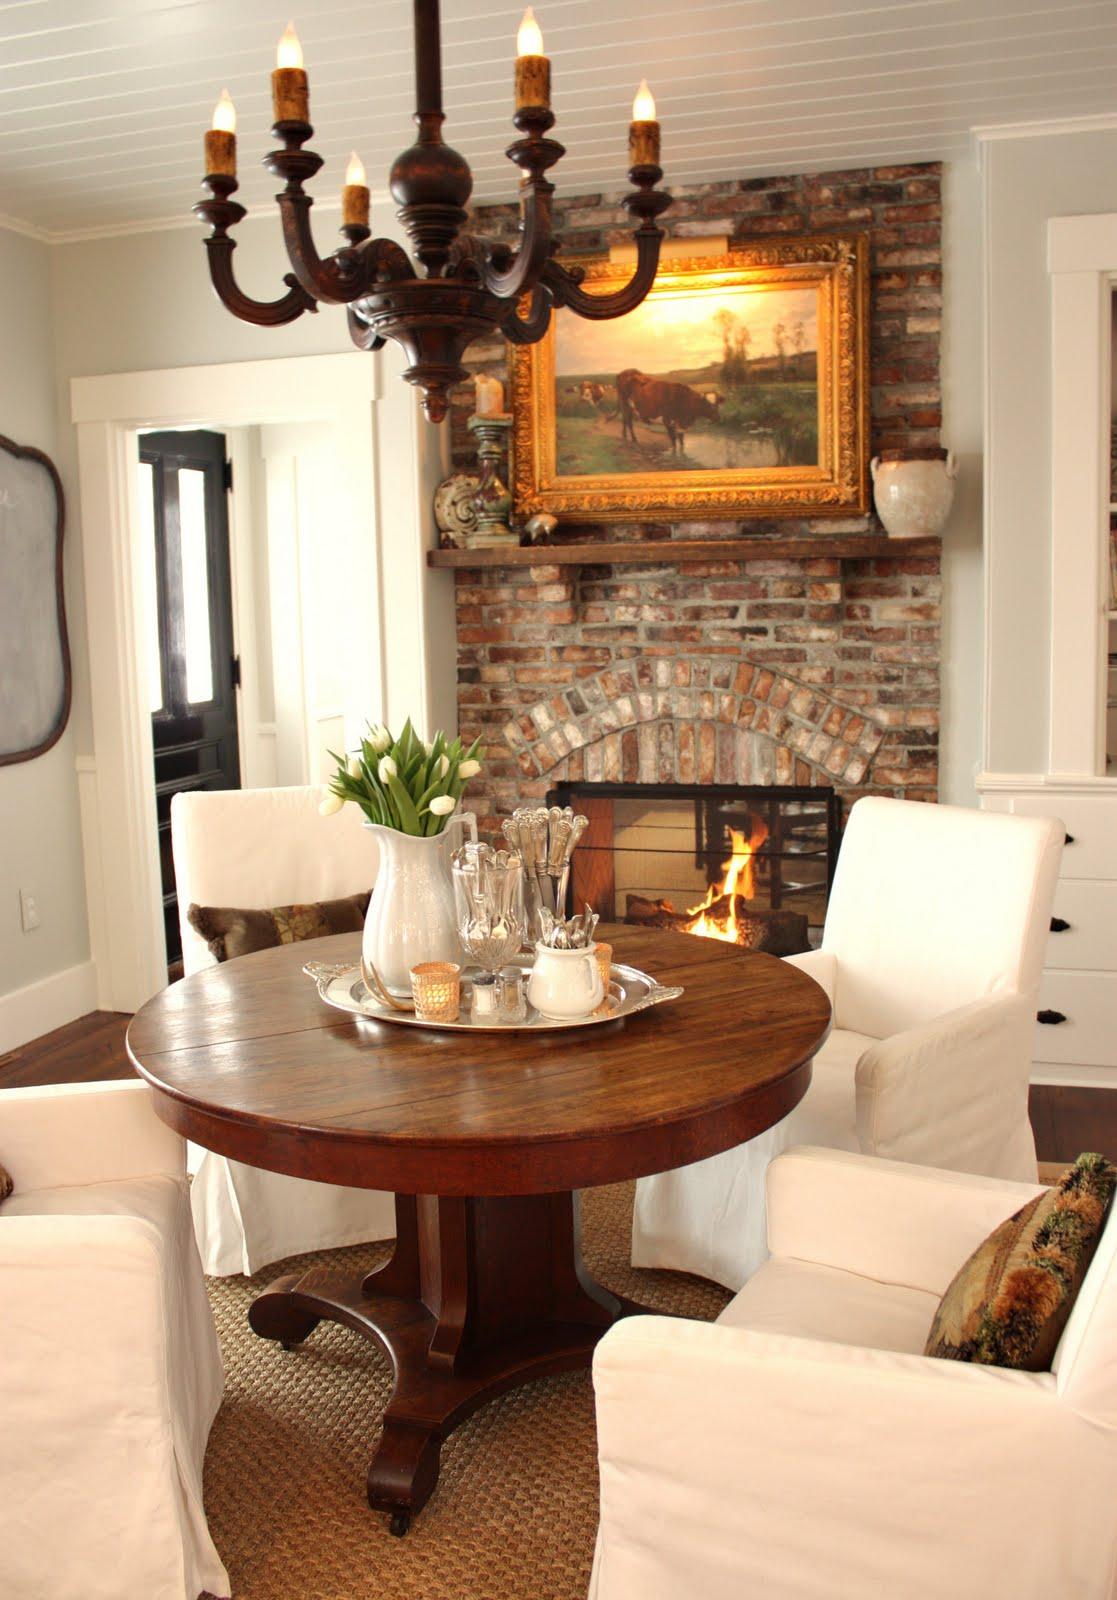 Boiserie c integrare la cucina in una sala da pranzo for Sala da pranzo decor